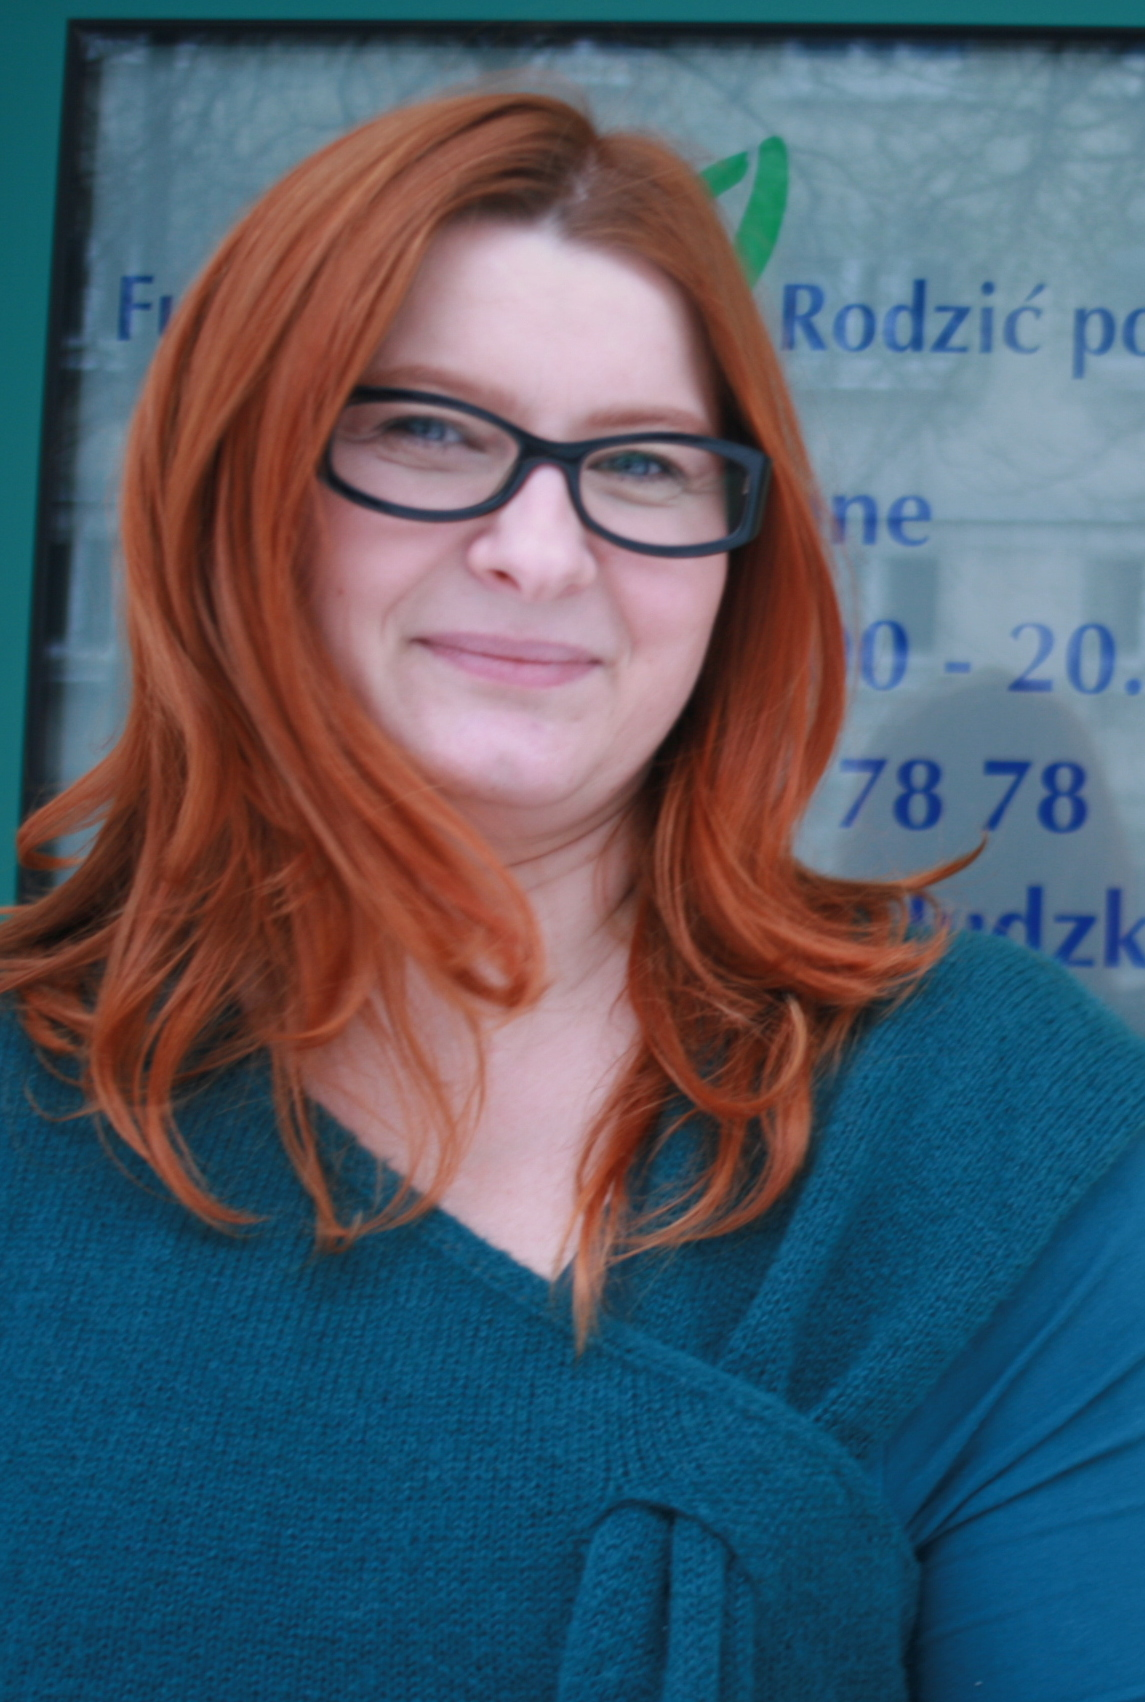 Na zdjęciu znajduje sie portret Joanny Pietrusiewicz, Prezeska Fundacji Rodzić po Ludzku. Pani Joanna na zdjęciu jest uśmiechnięta, ma na sobie okulary, niebieska bluzke oraz piękne, rude włosy.